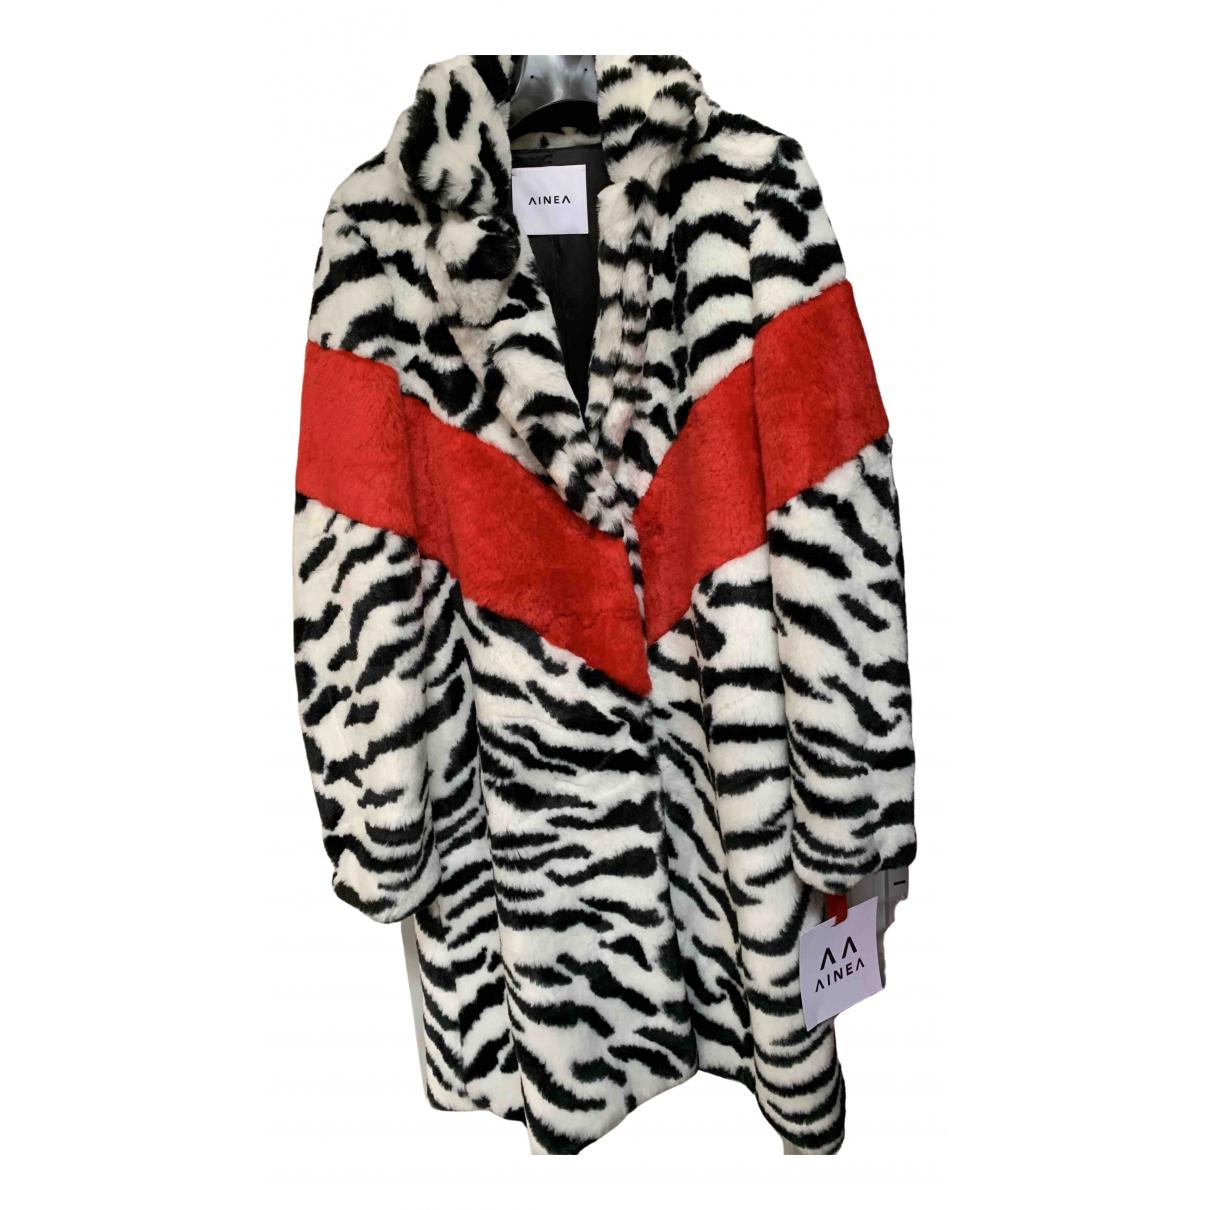 Ainea \N Faux fur coat for Women 40 IT